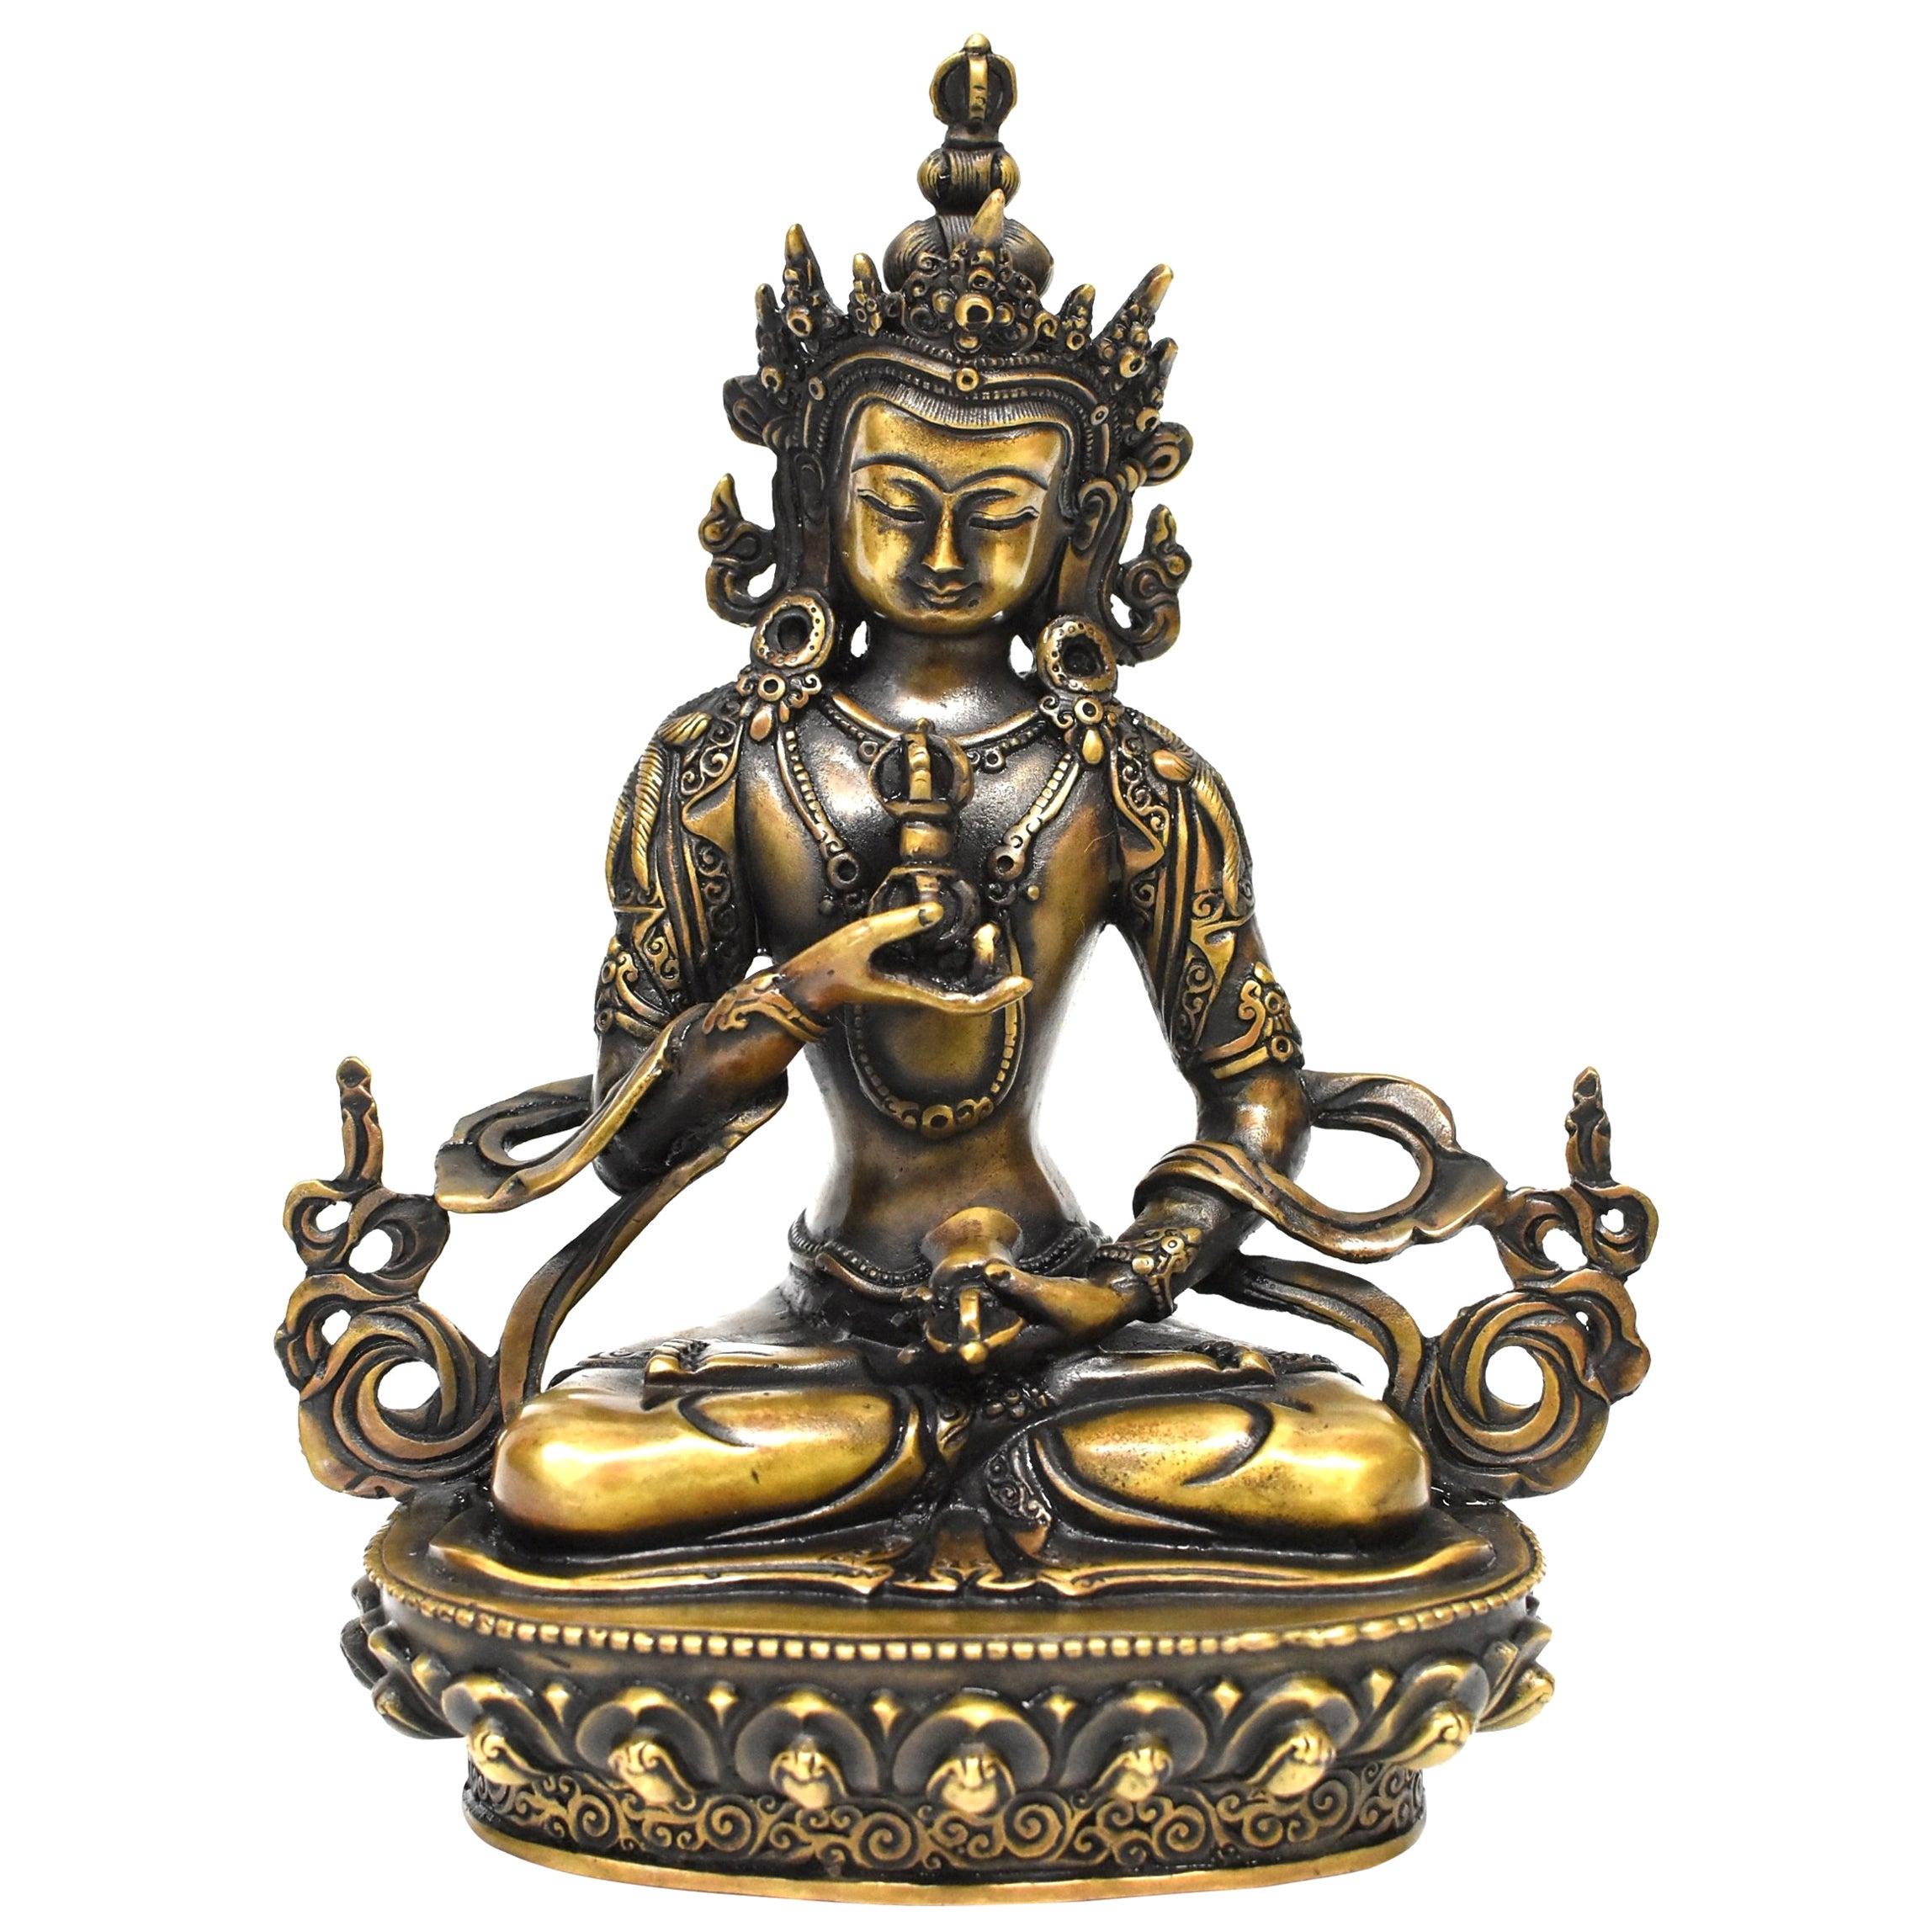 Tibetan Statue of Vajrassatva Buddha, Antique Gold Finish